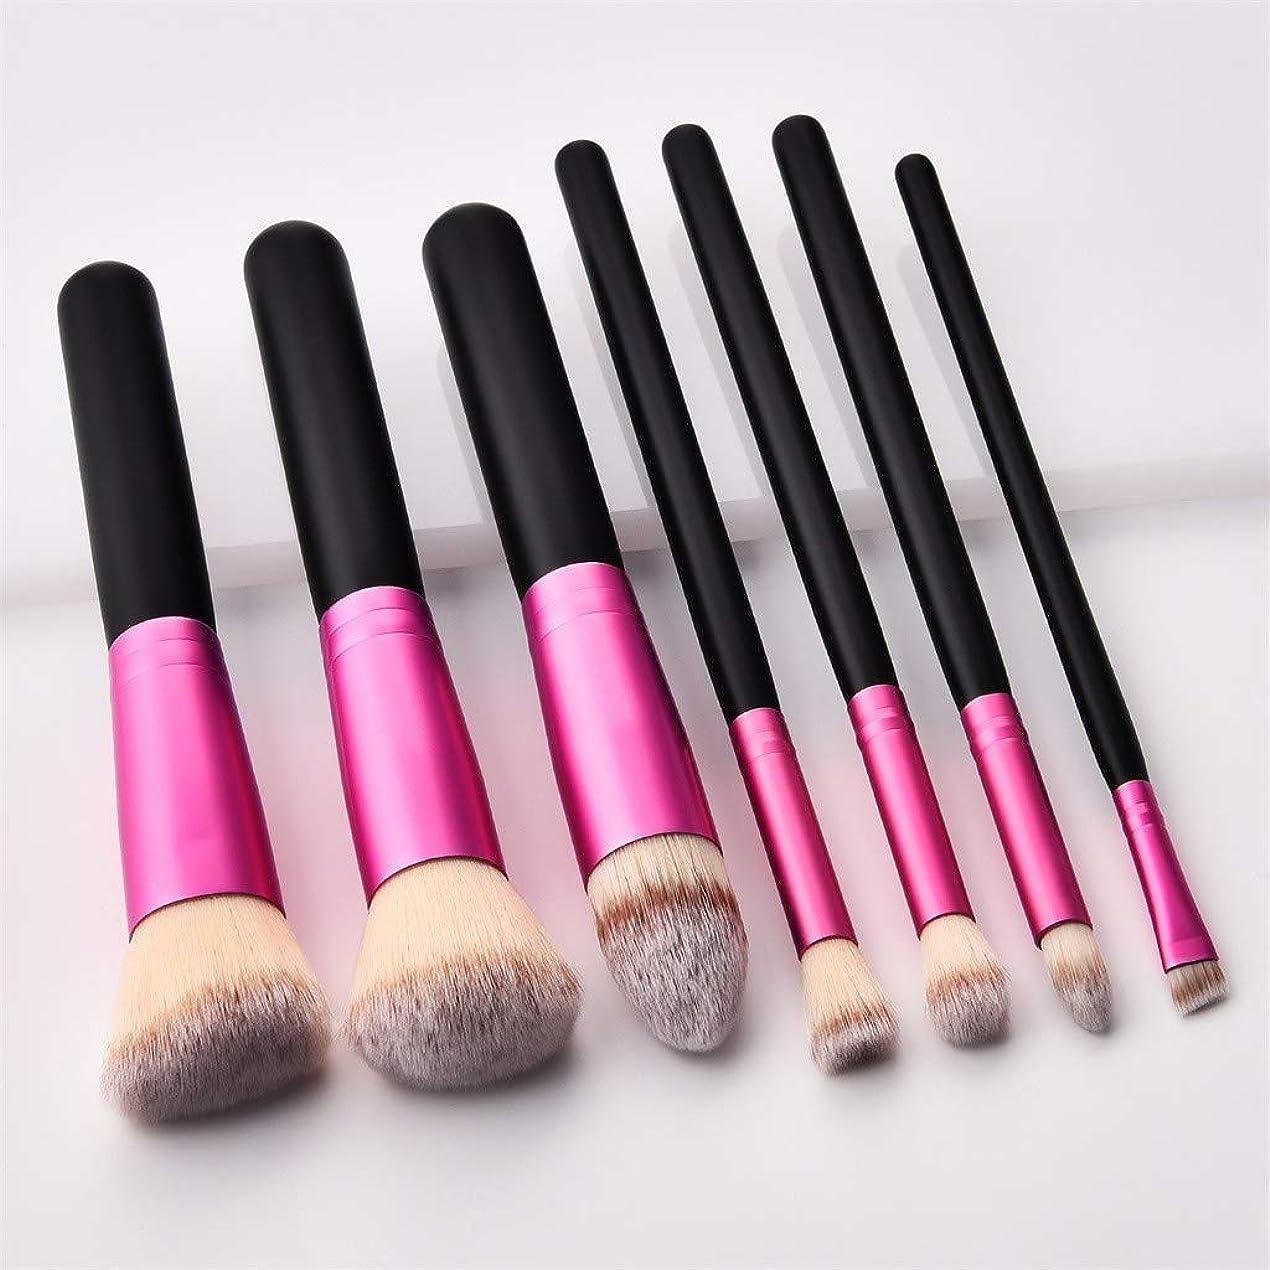 ジーンズ倍増雪だるまを作るAkane 7本 GUJHUI 上等 優雅 ピンク 綺麗 美感 便利 高級 魅力的 柔らかい たっぷり 多機能 おしゃれ 激安 日常 仕事 Makeup Brush メイクアップブラシ T-07-060